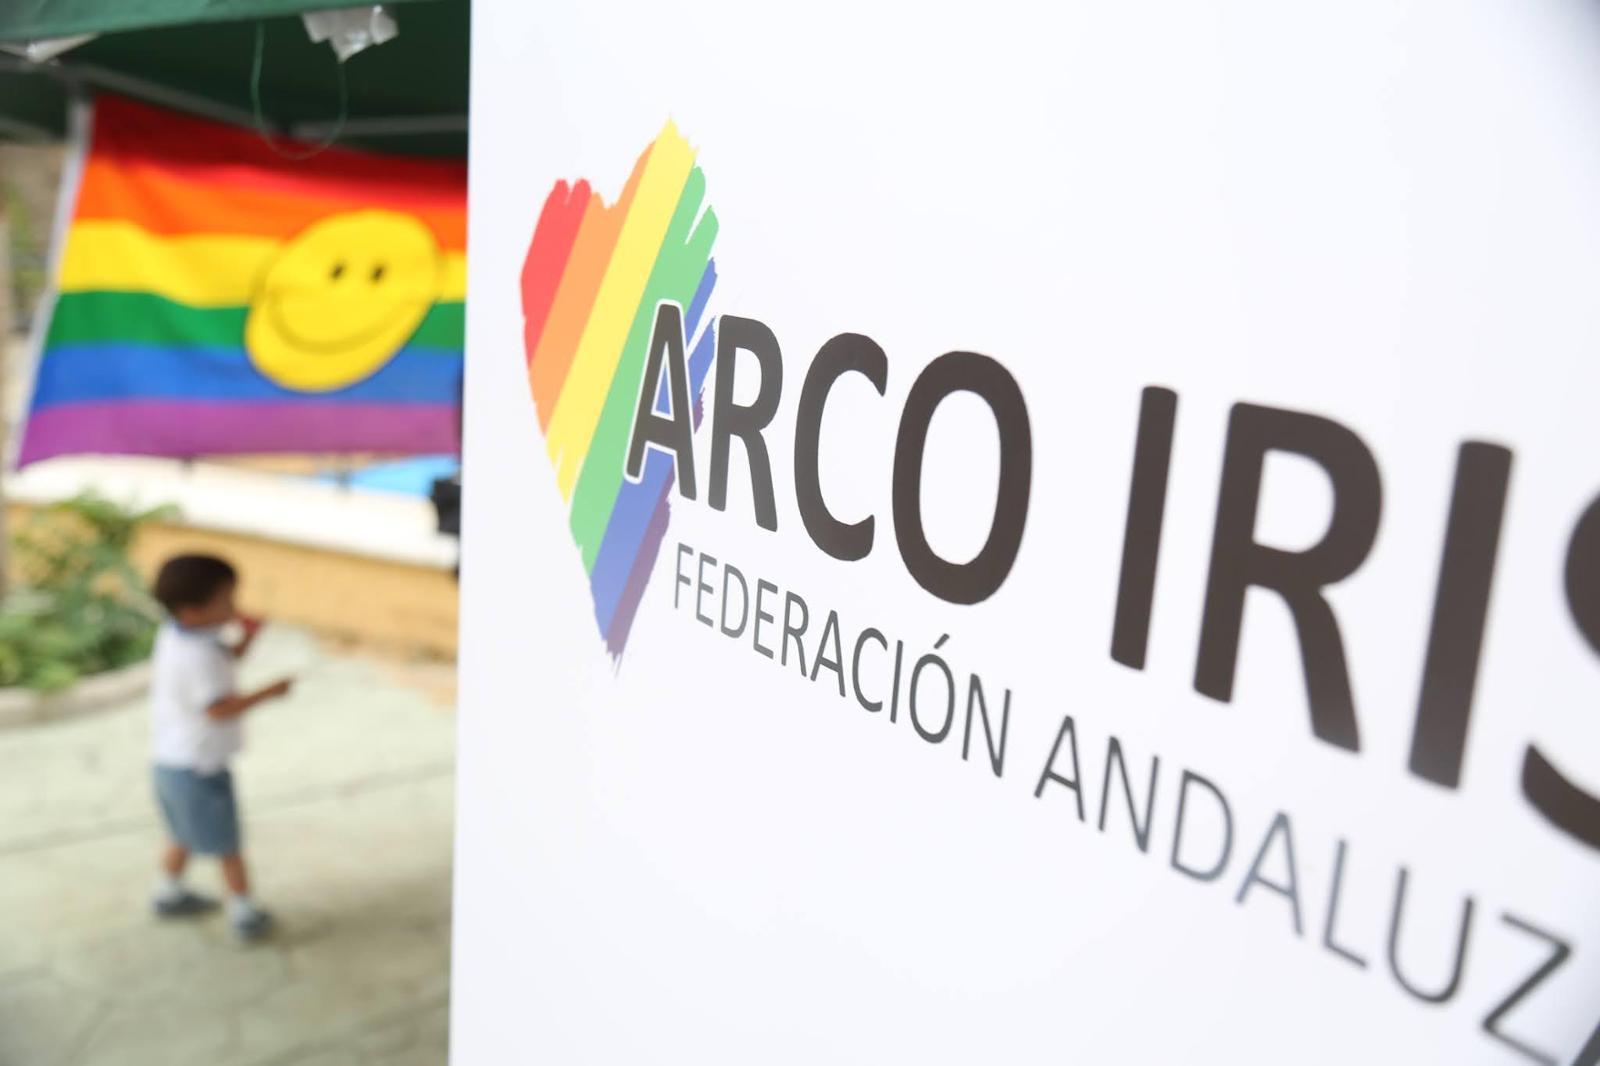 Federación ARCO IRIS LGBTI+H